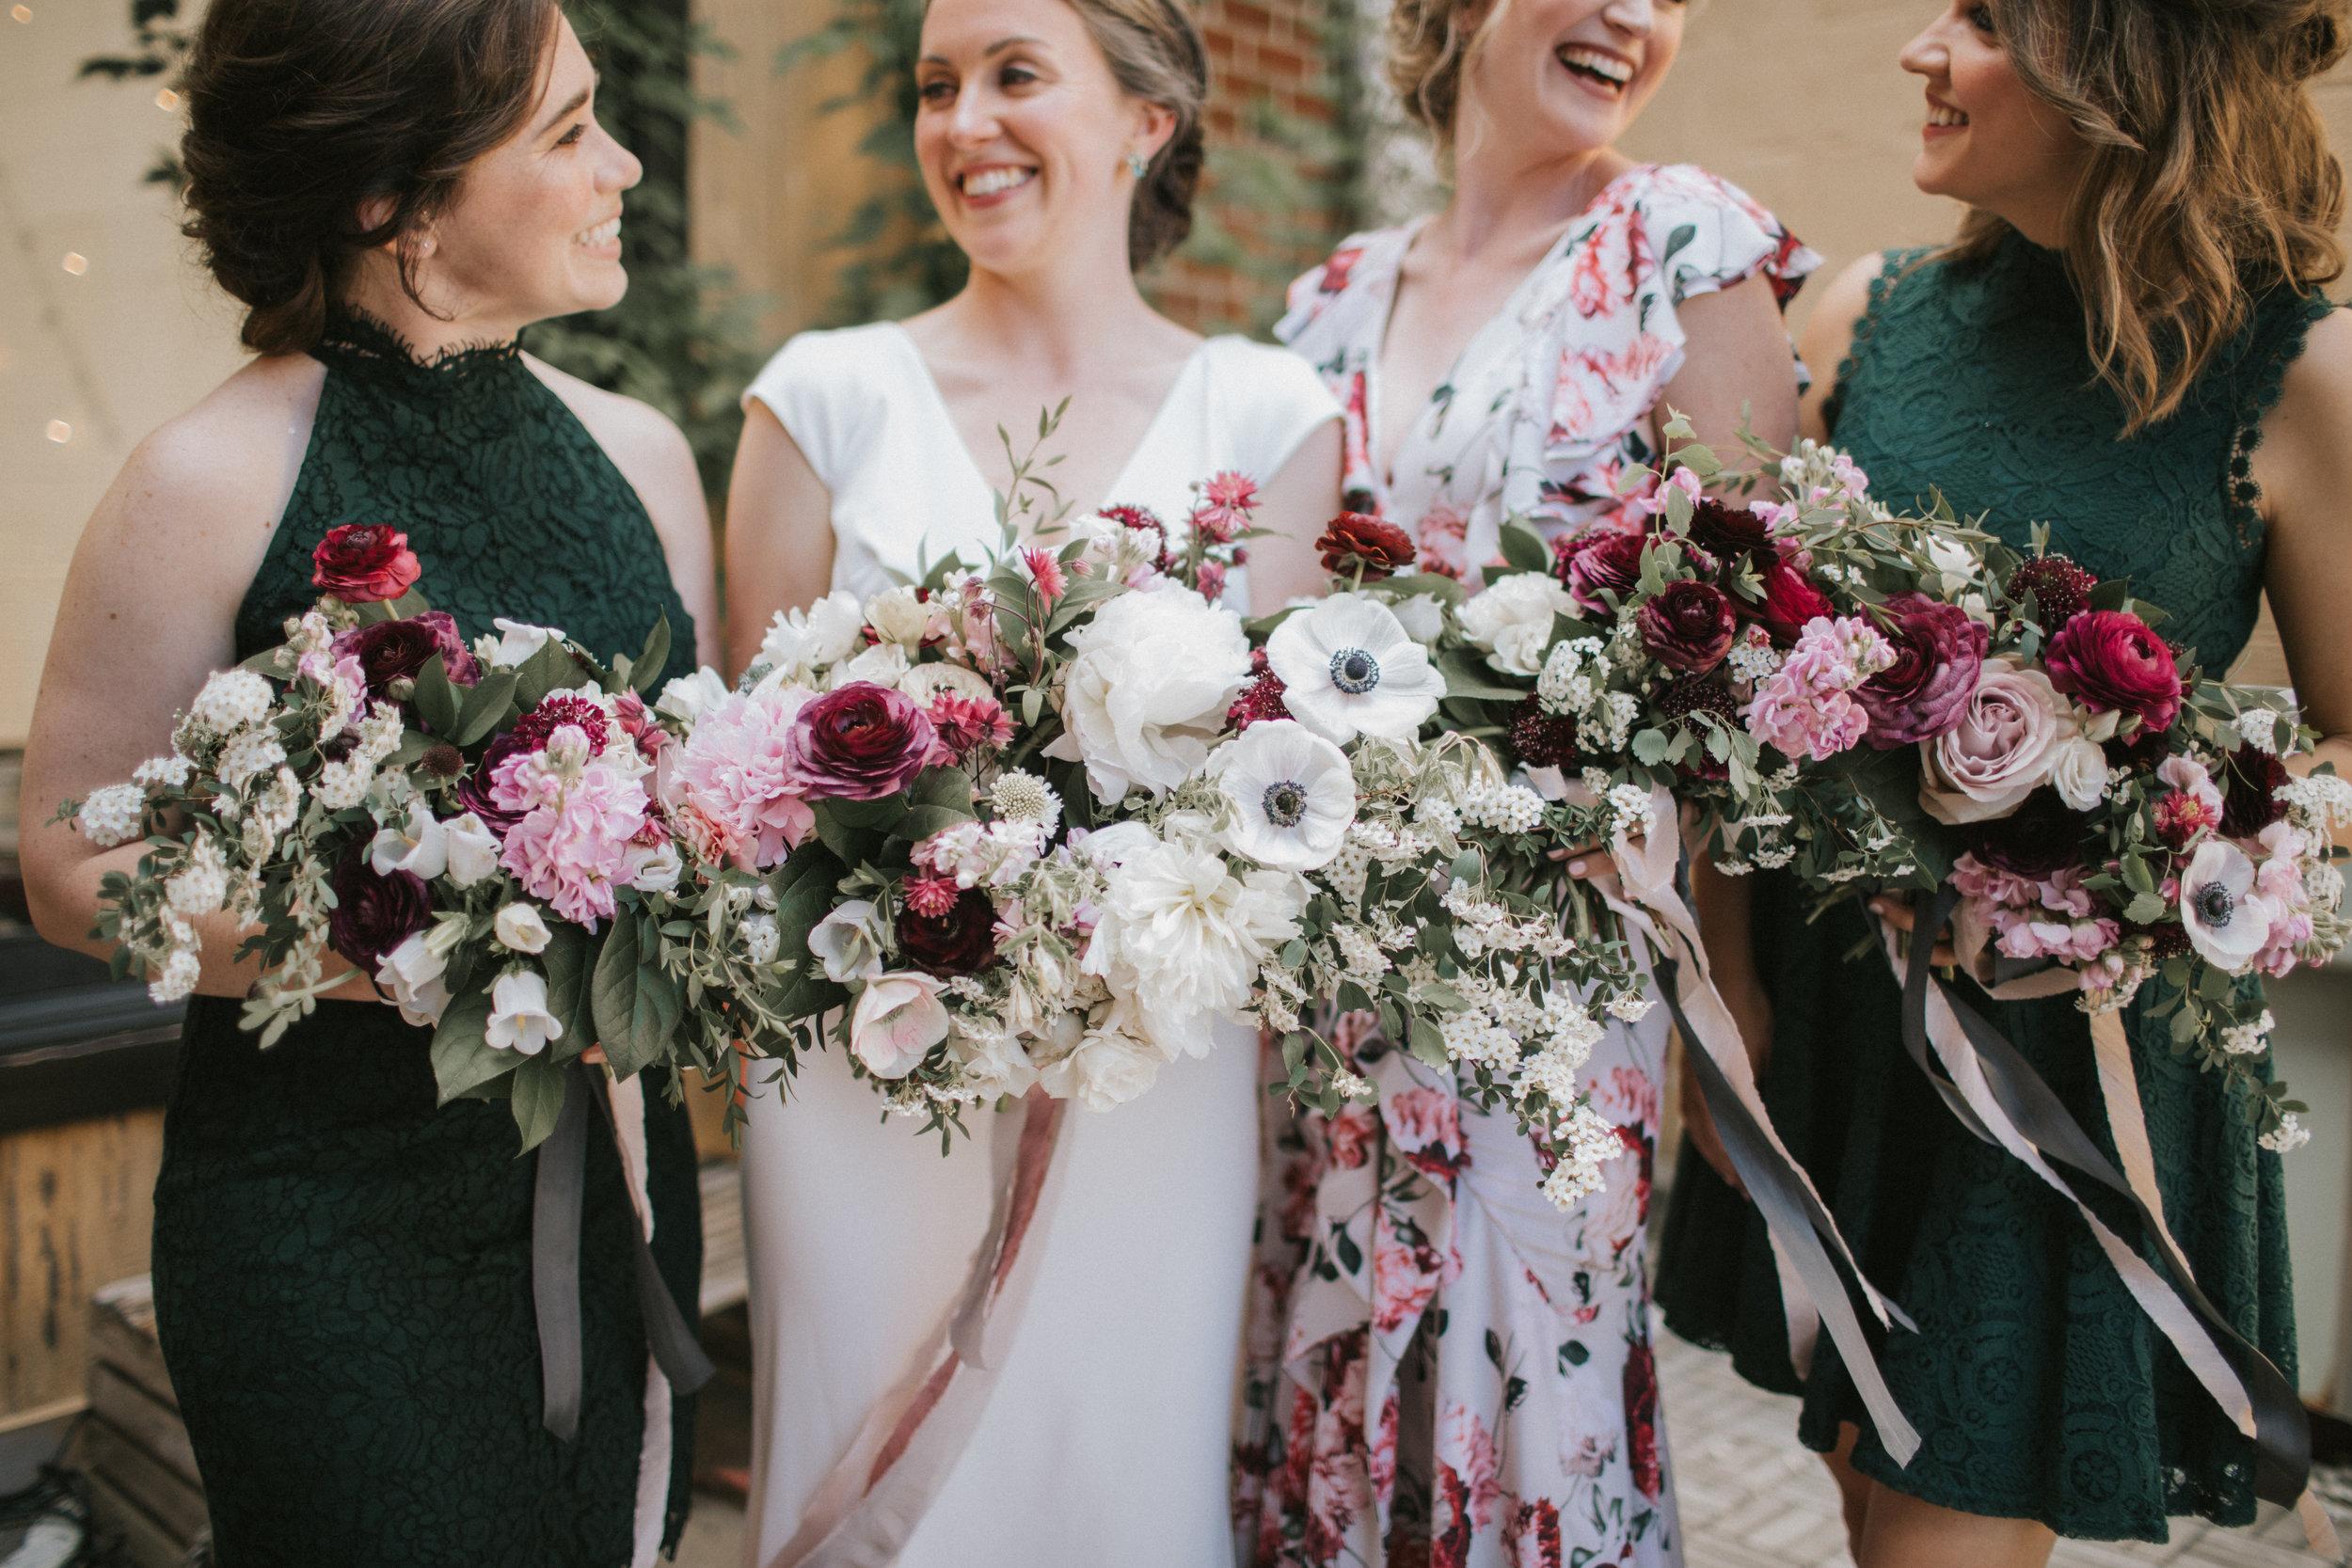 Watershed_Floral_Maine_Wedding_Florist_197.jpg